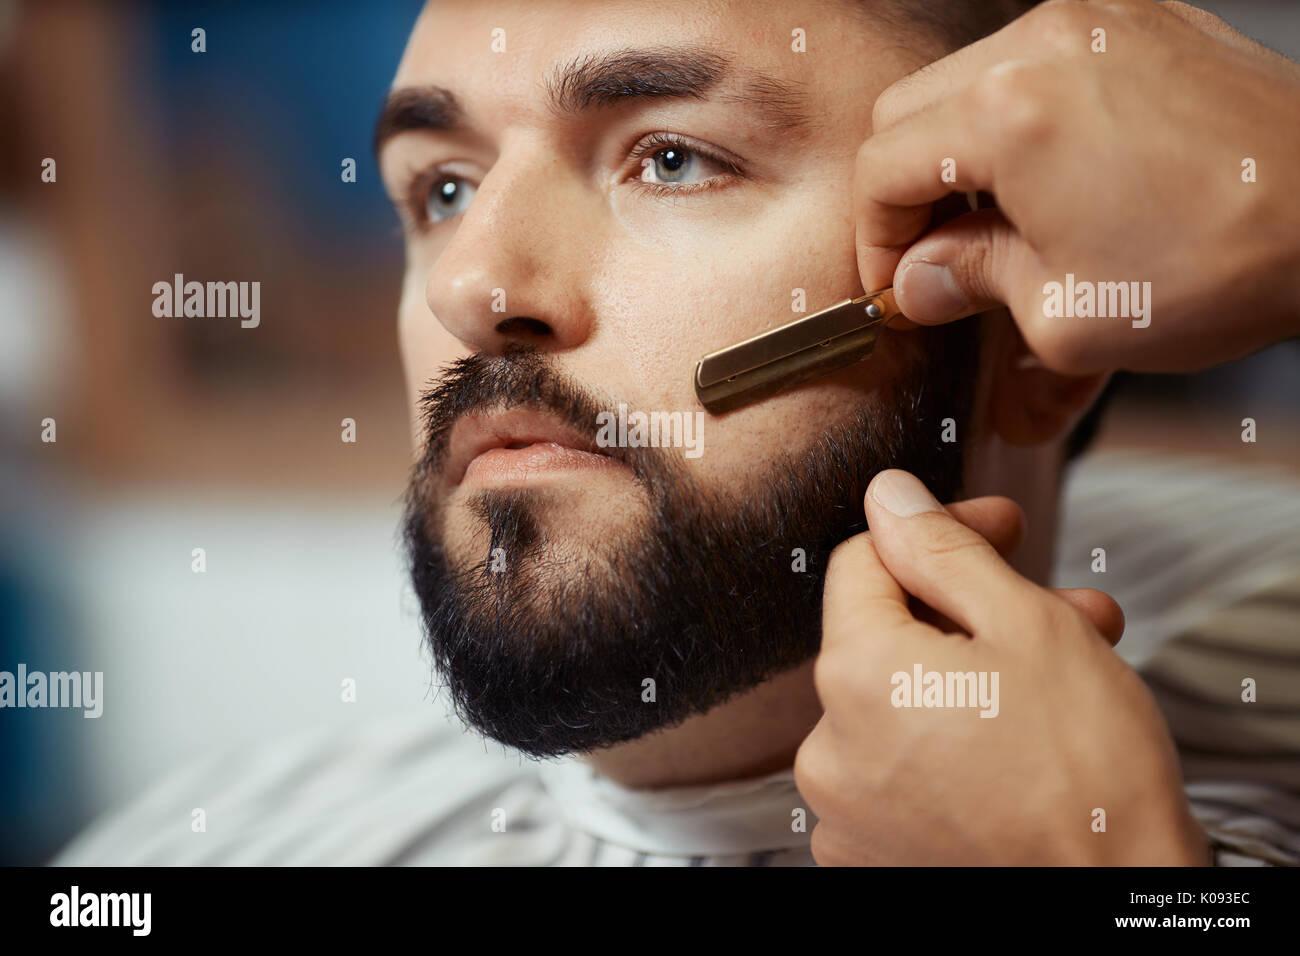 L'homme récolte barbe de fraisage client Photo Stock